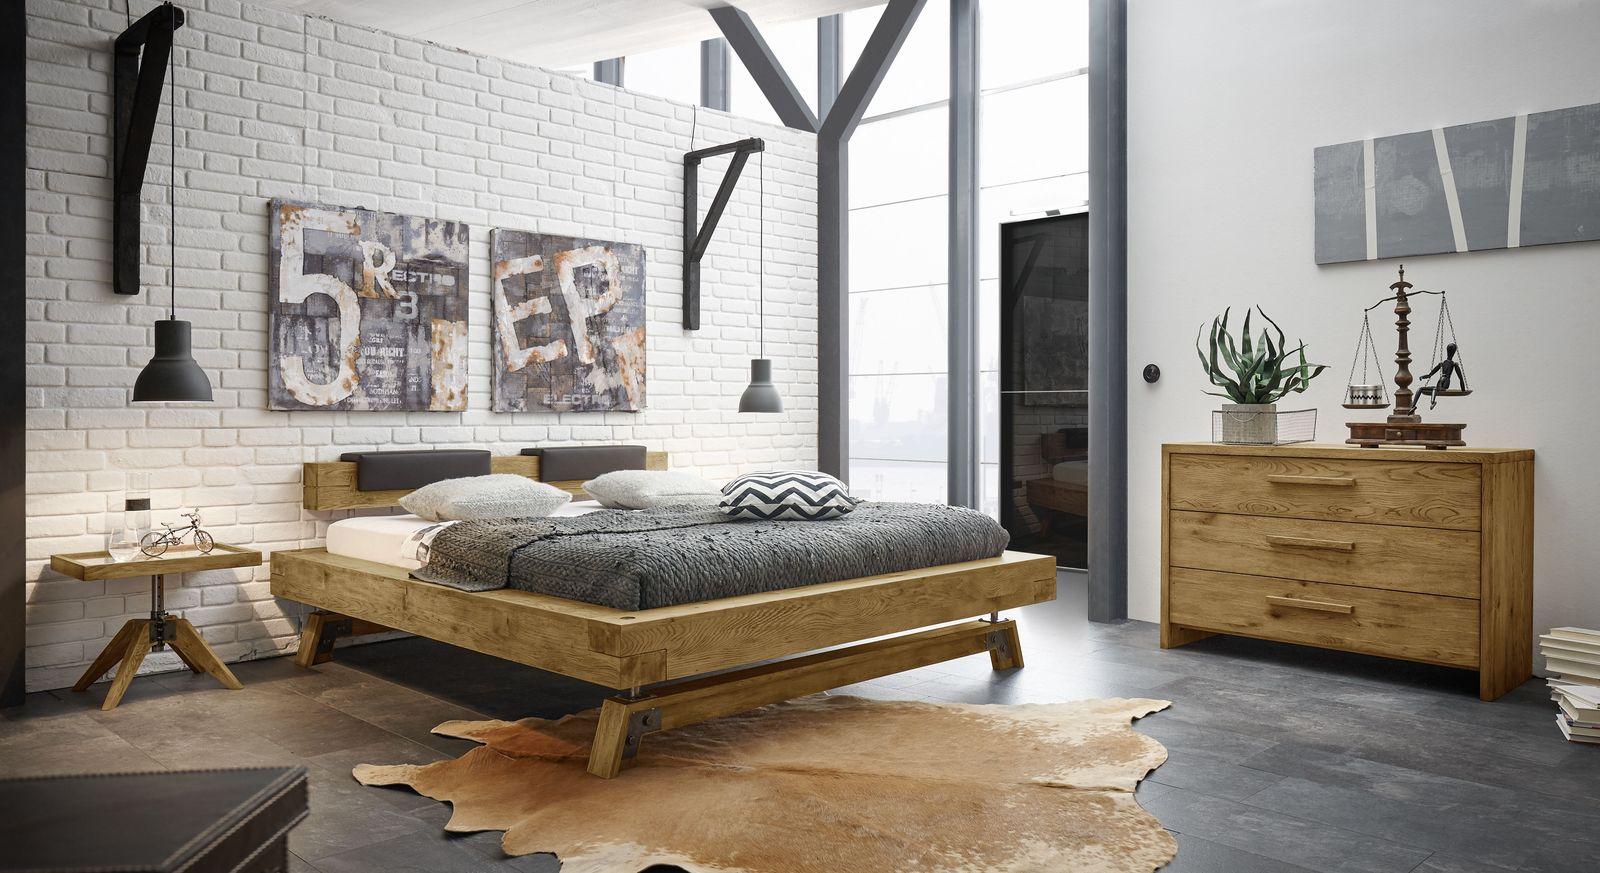 Bett Valdivia mit passender Schlafzimmer-Einrichtung